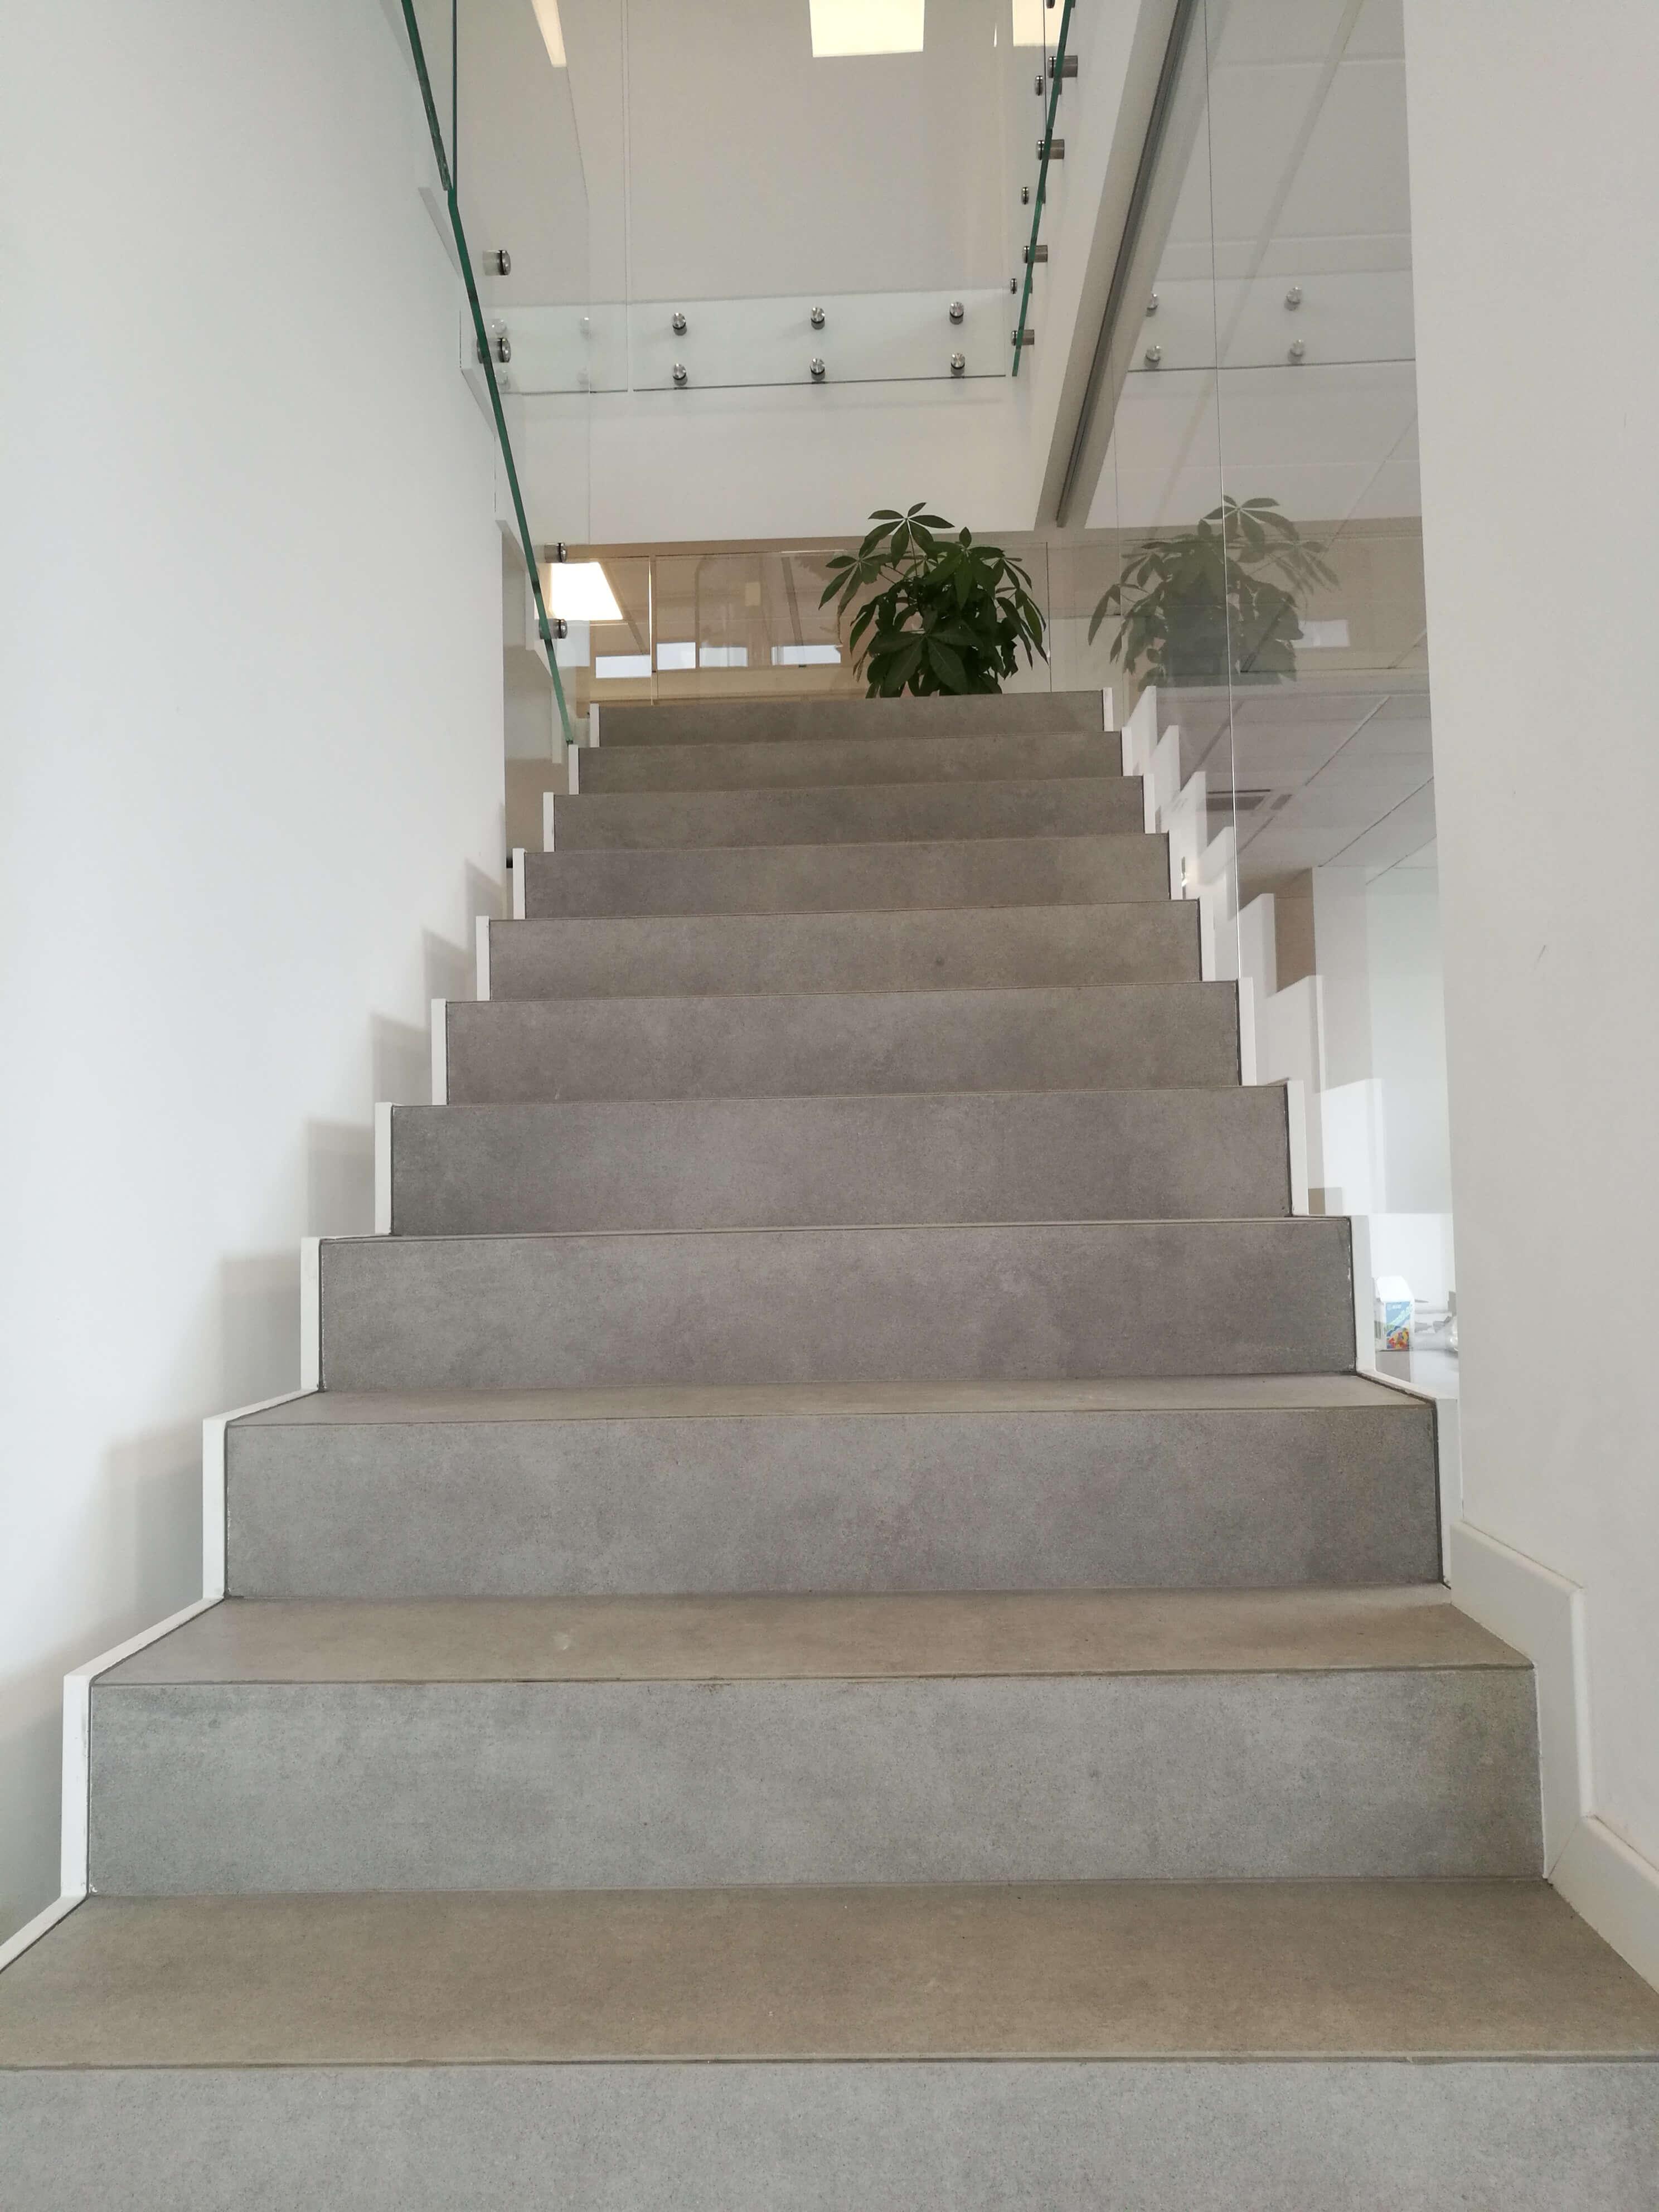 Rivestimenti Scale Interne Gres Porcellanato scale interne uffici - lupia pavimenti